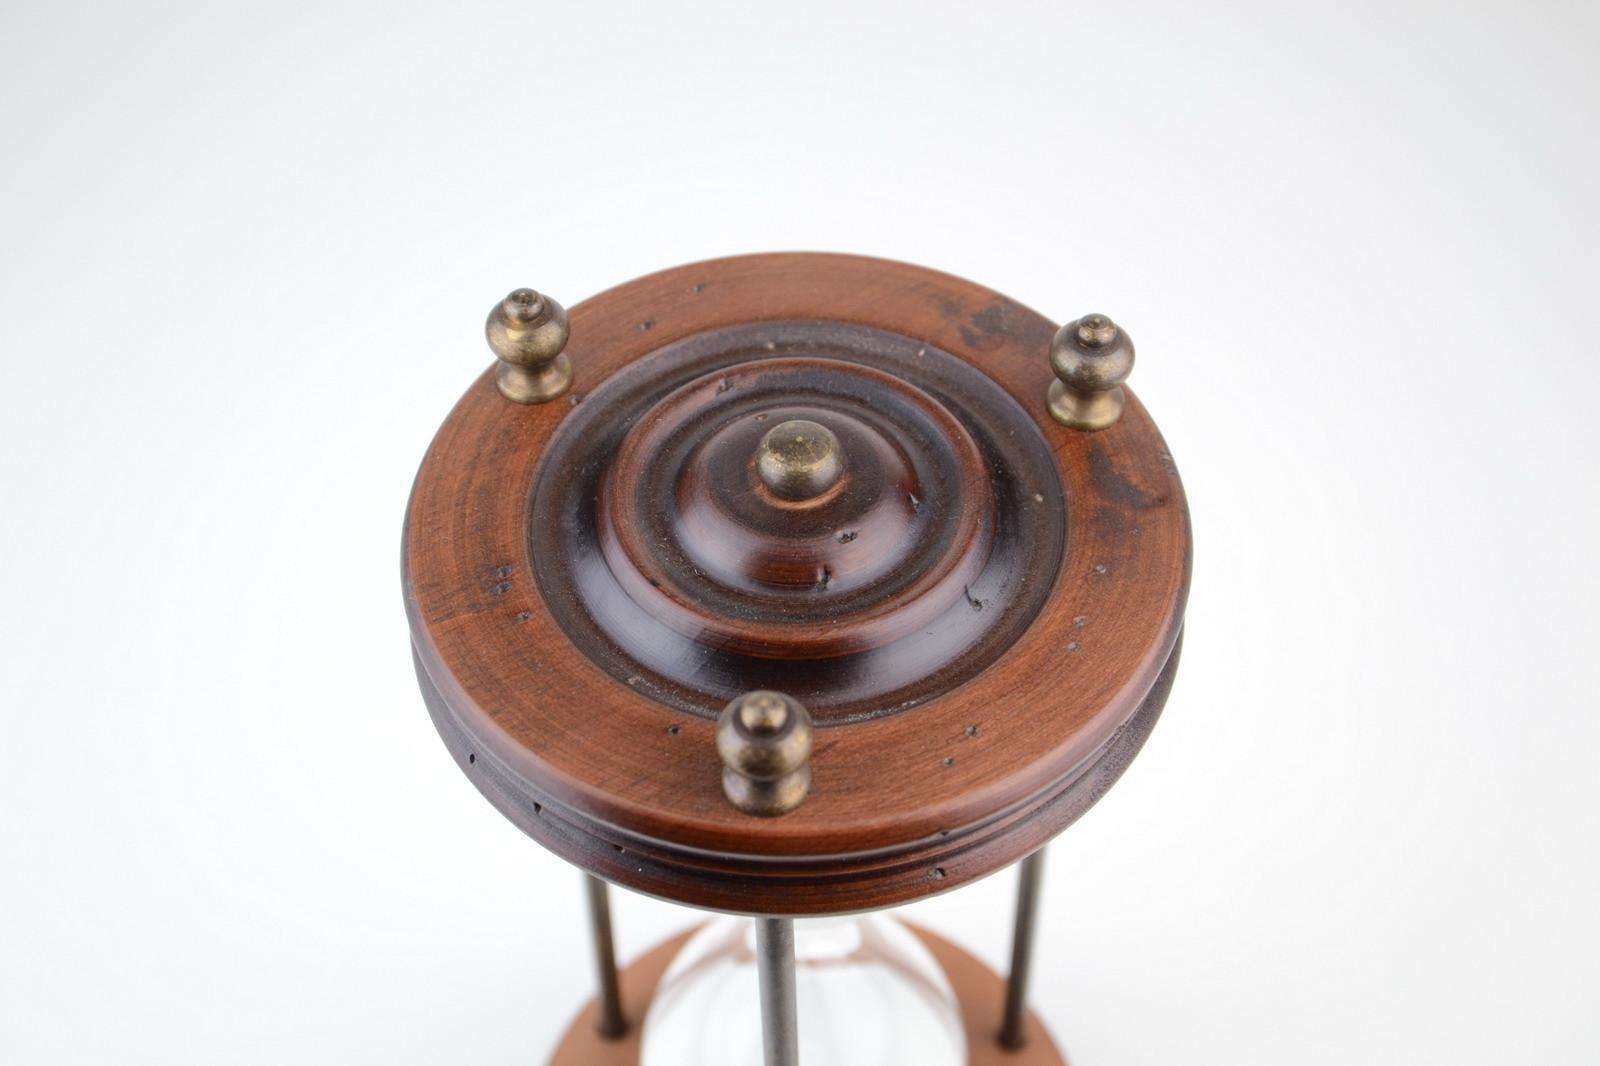 clessidra-supporto-legno-ottone-2,585.jpg?WebbinsCacheCounter=1